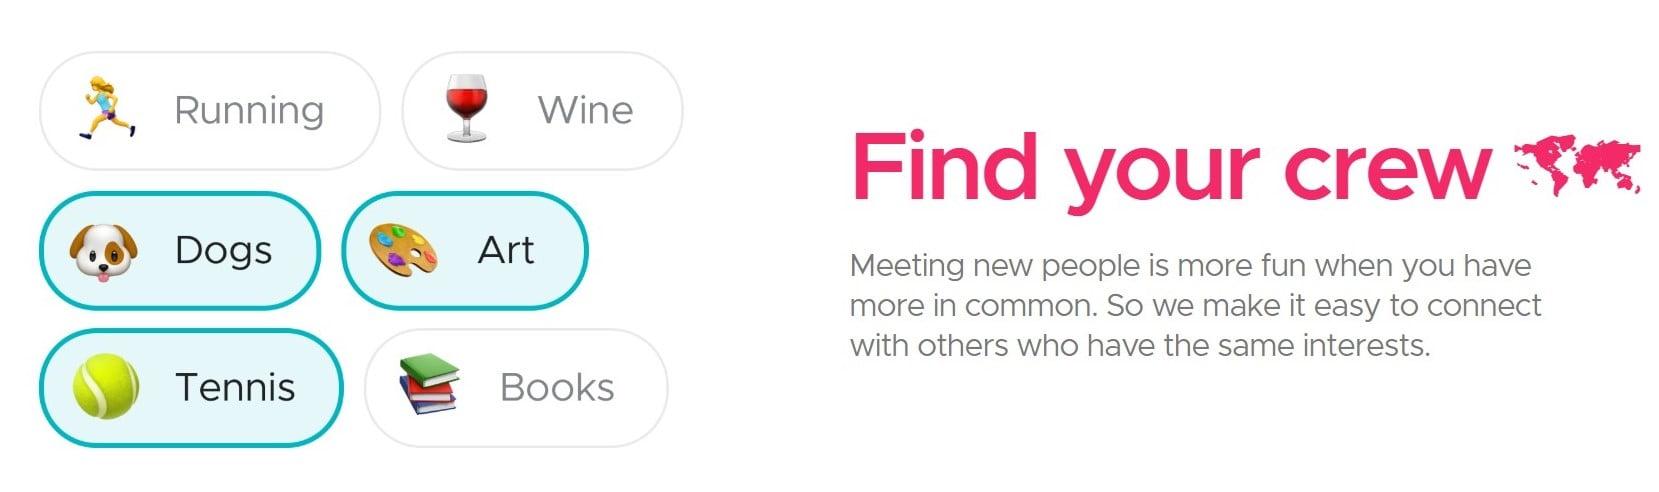 Wspólne nazwy użytkowników serwisów randkowych